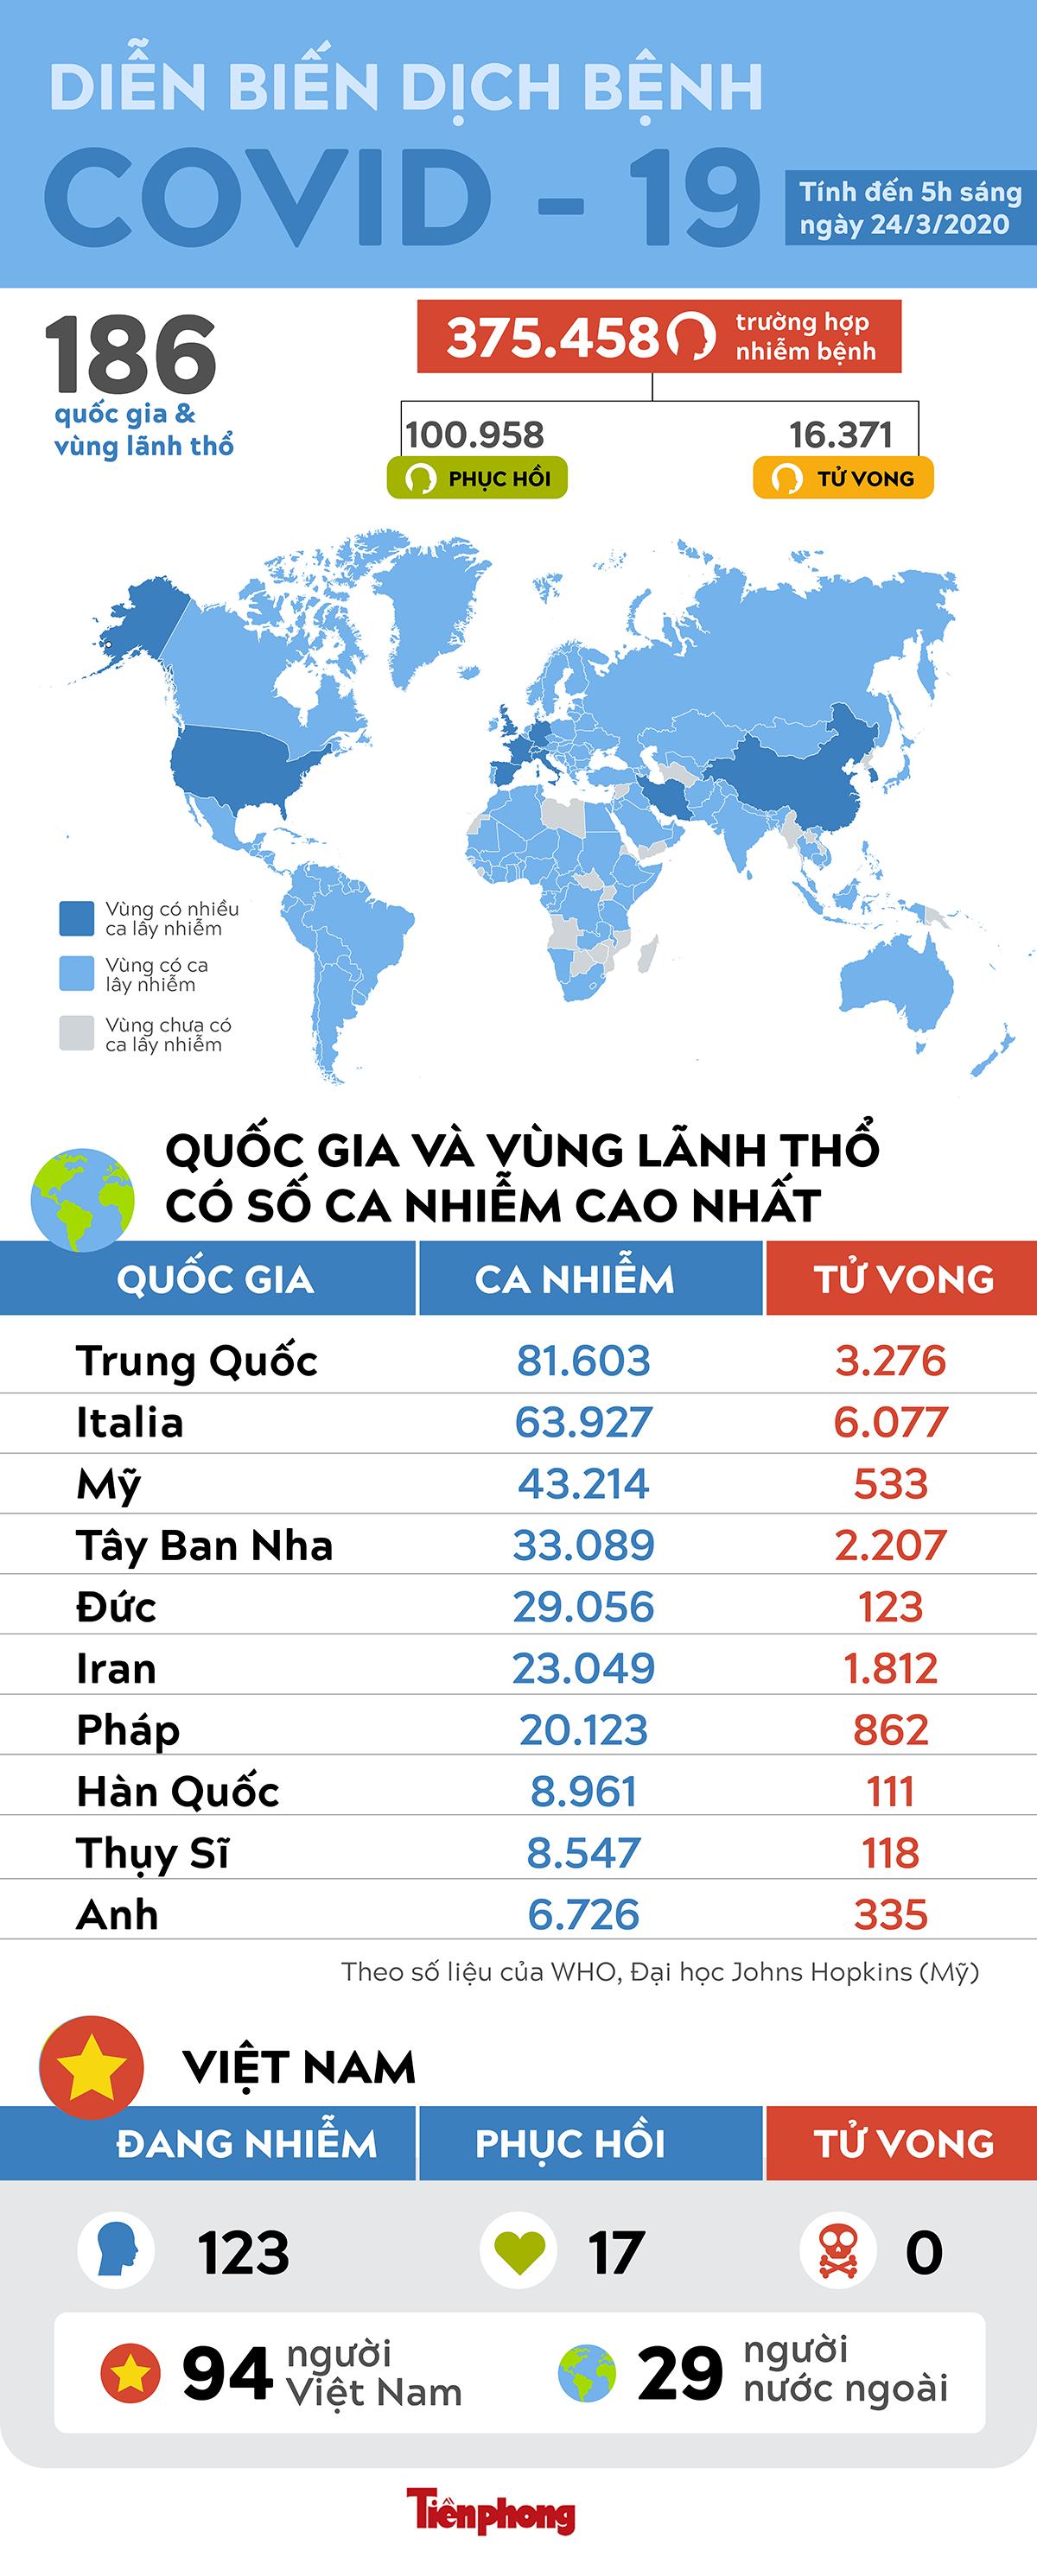 Thế giới ghi nhận 16.495 người tử vong do virus SARS - Cov -2 ảnh 1